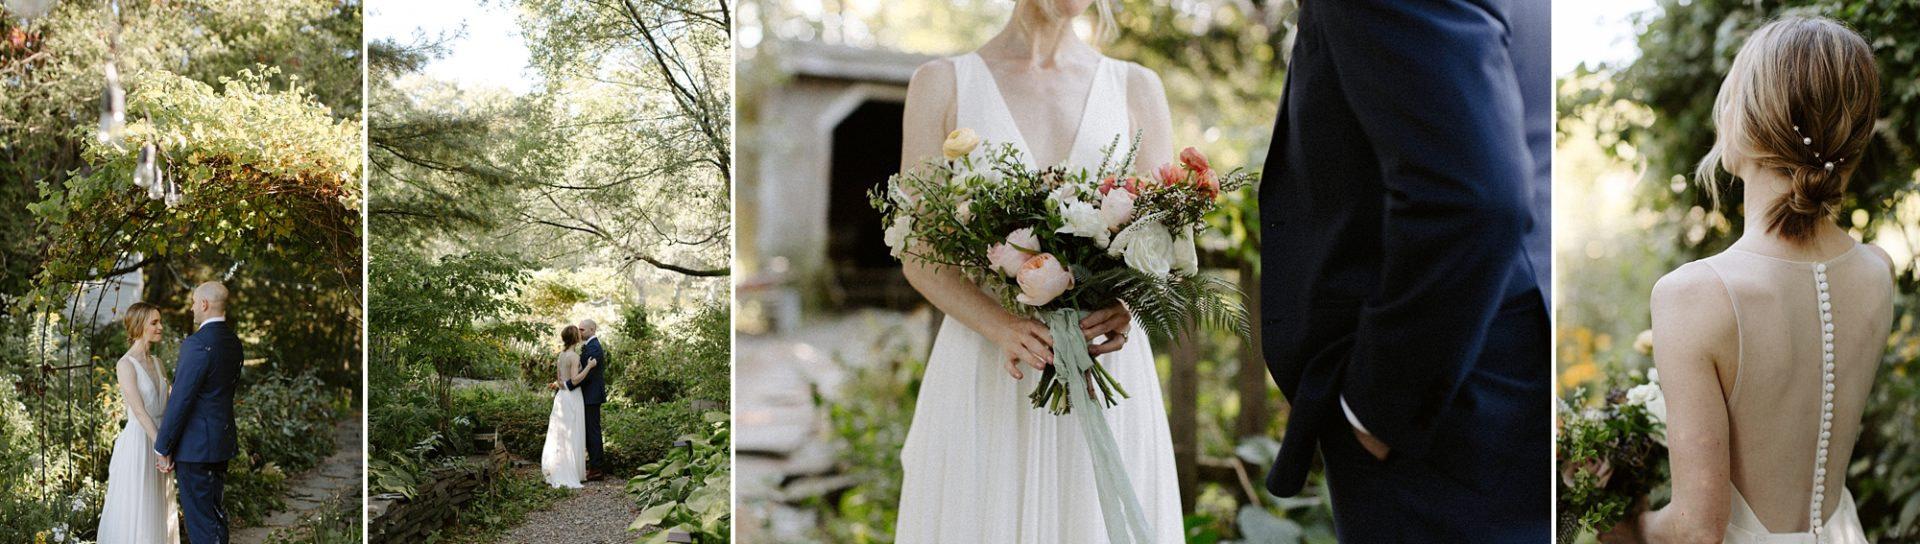 Series of bridal portraits at M & D Farm